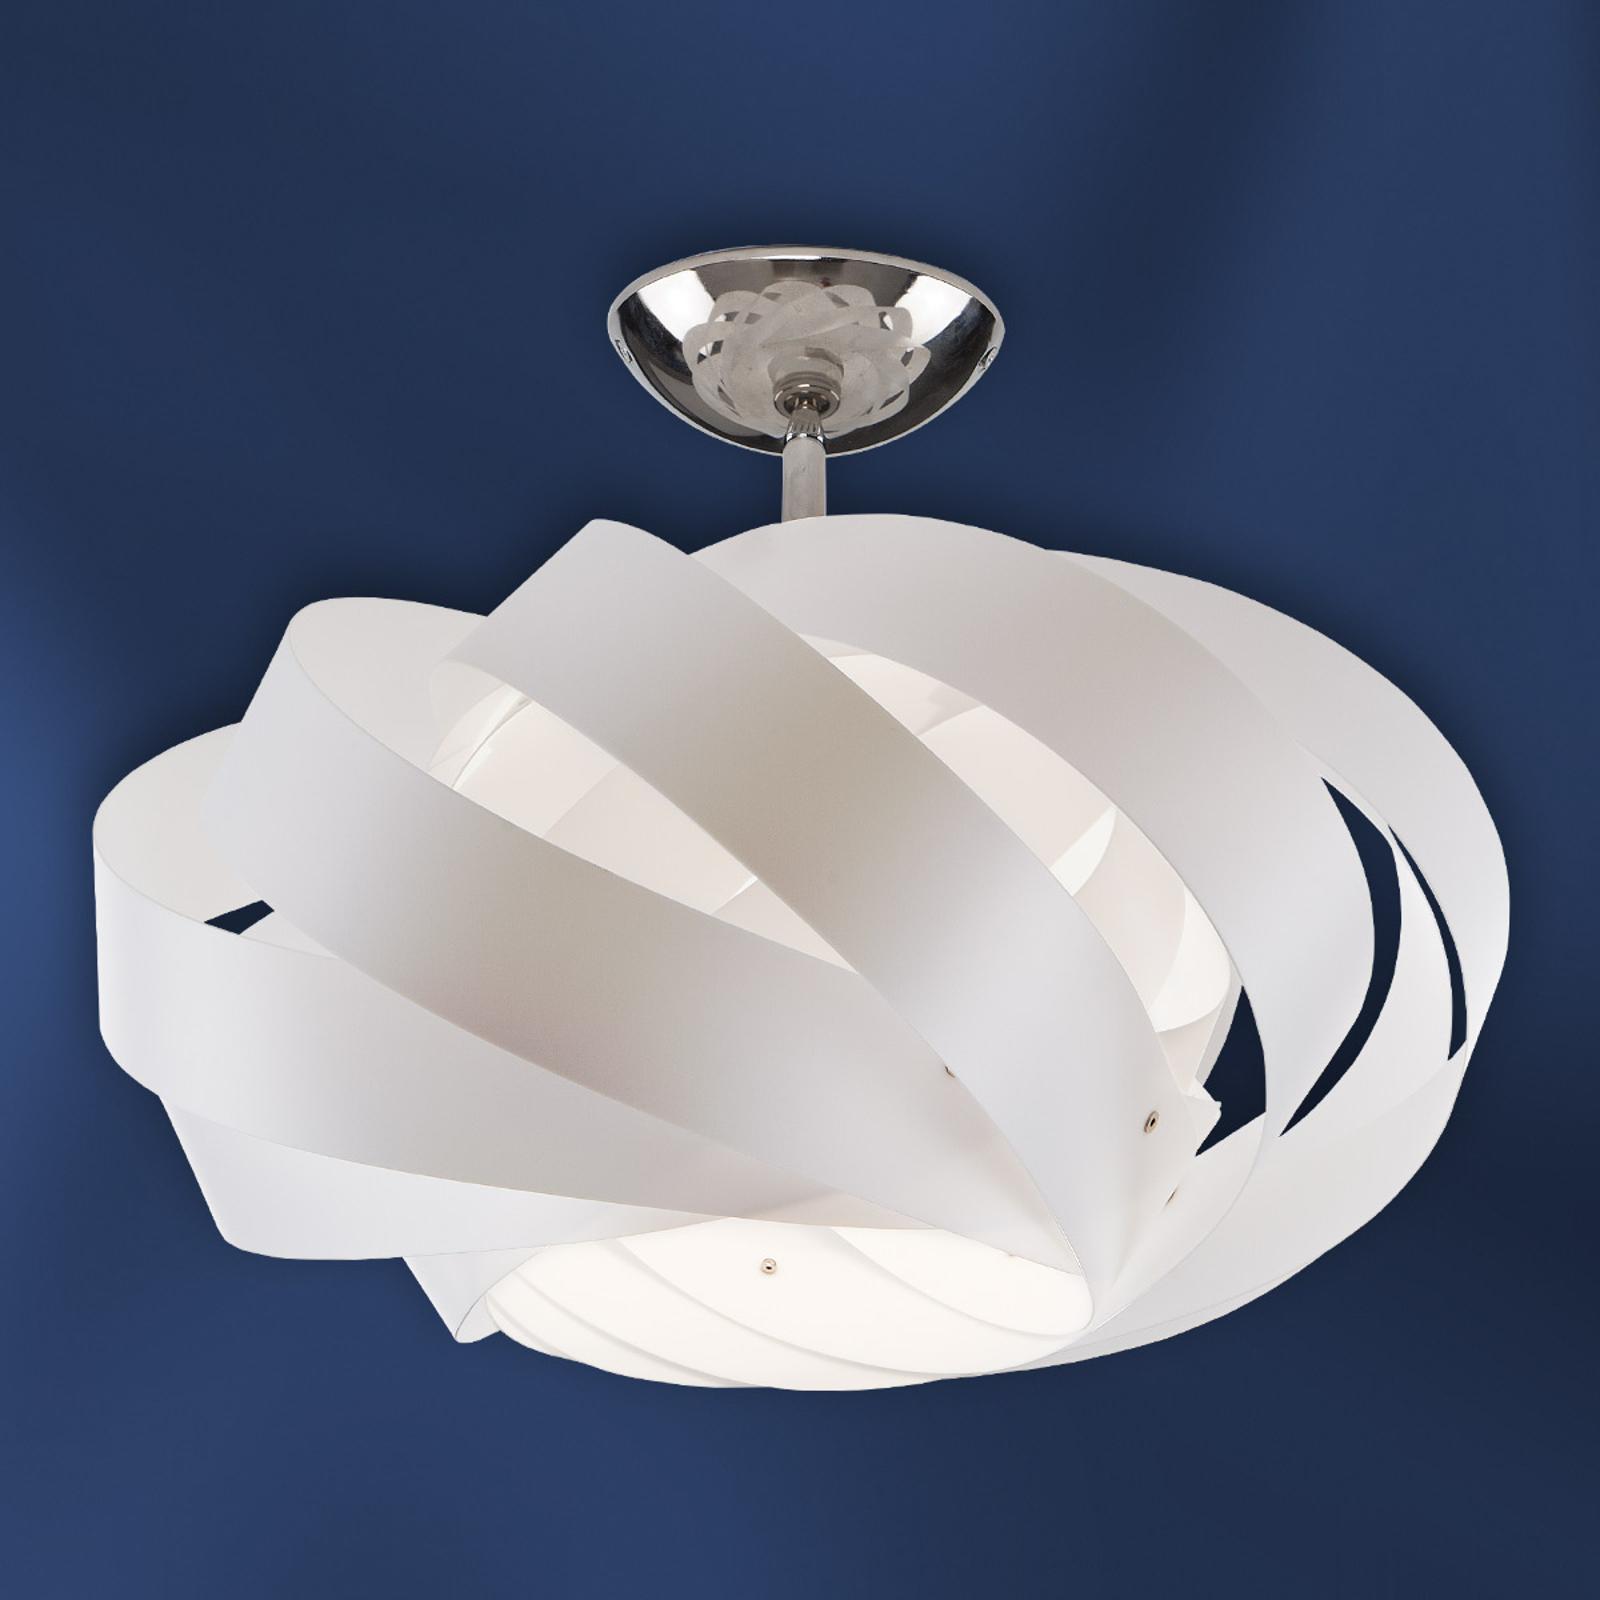 Lampa sufitowa Sky Mini Nest biała